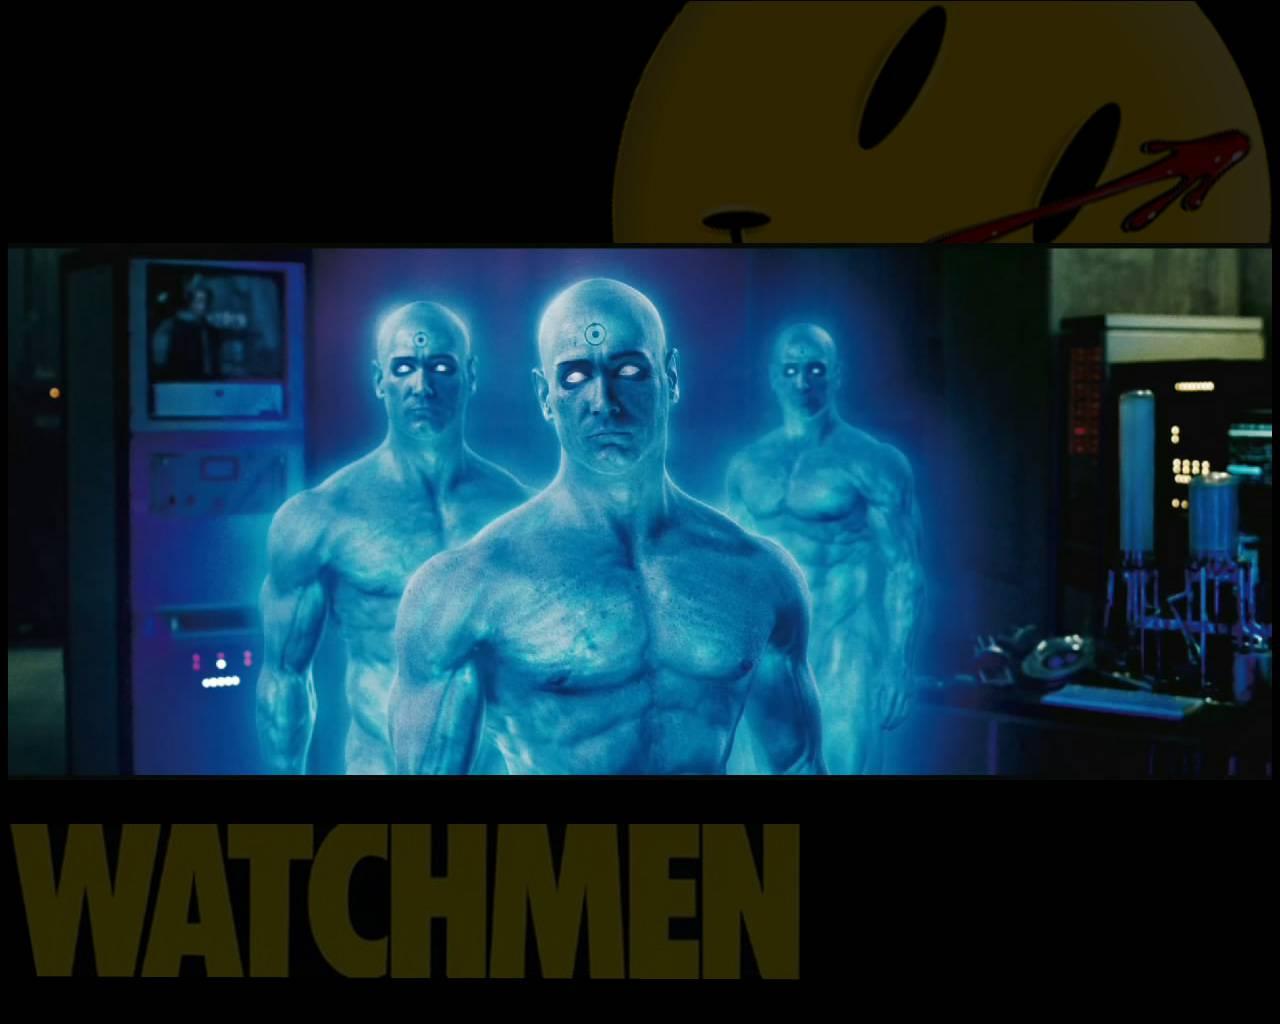 Watchmen dr manhattan wallpaper HQ WALLPAPER   23066 1280x1024